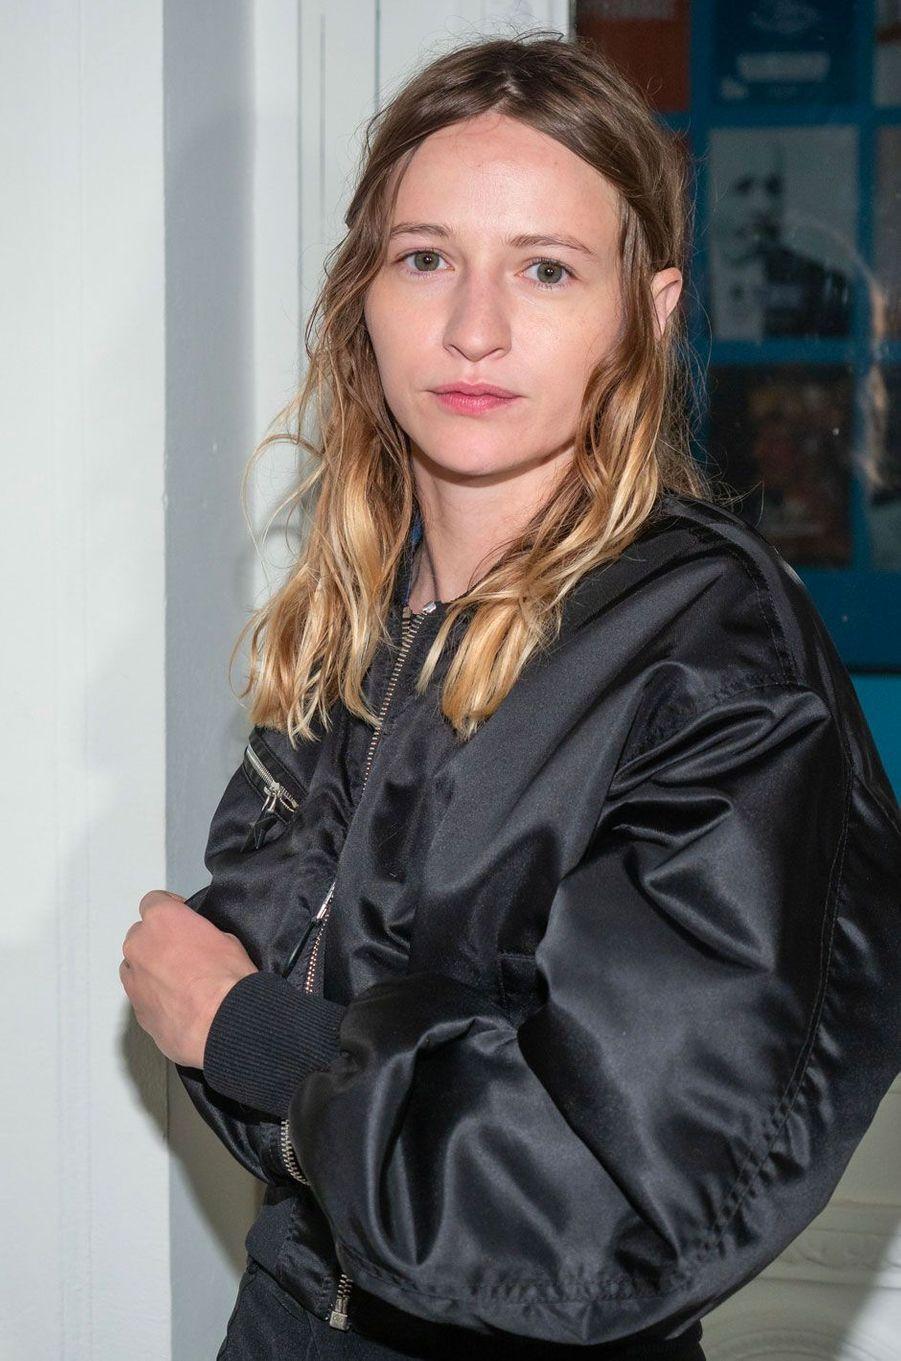 Christa Theret au défilé Mugler, à Paris le 26 septembre 2018